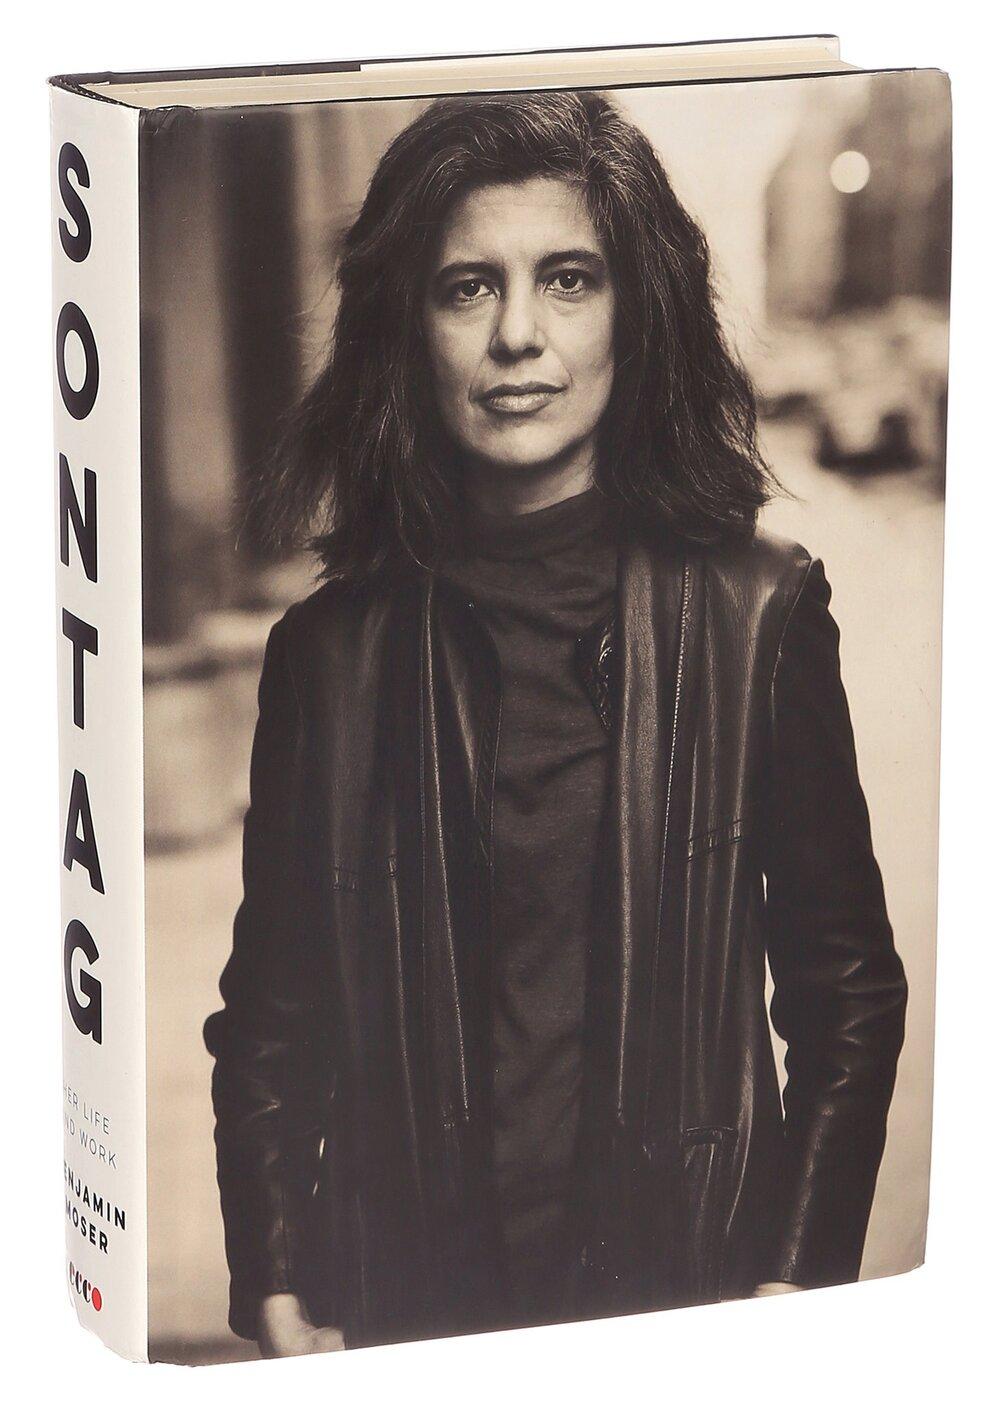 Обкладинка книжки Sontag: Her Life and Work. Зображення:  The New York Times